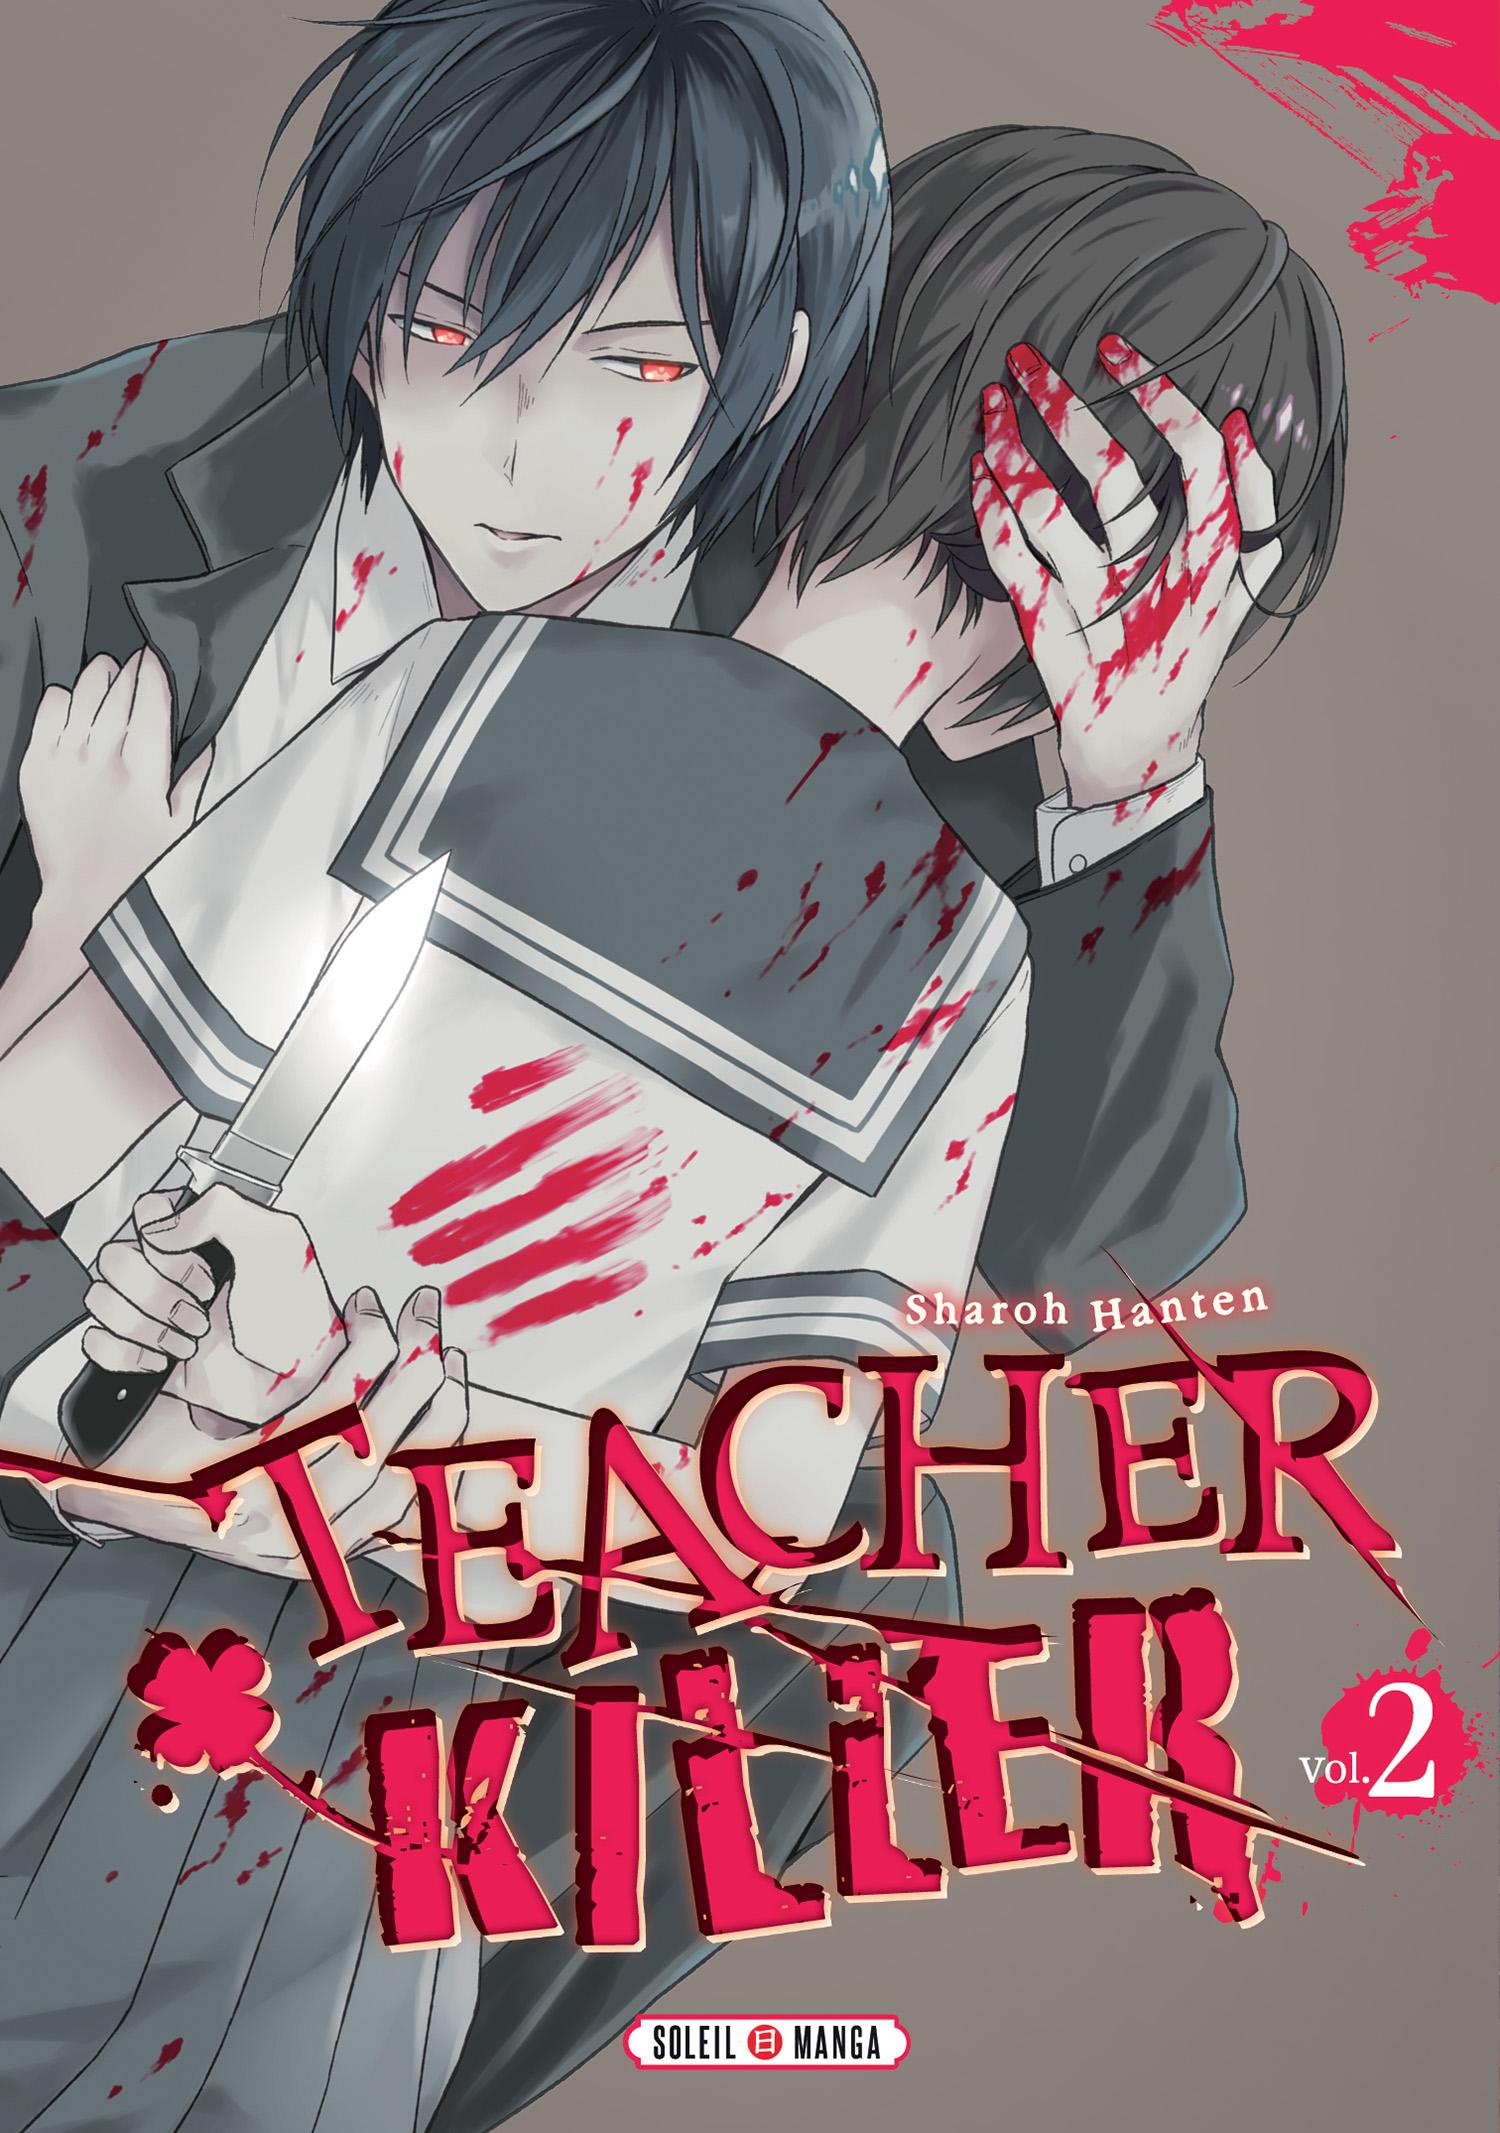 Teacher killer 2